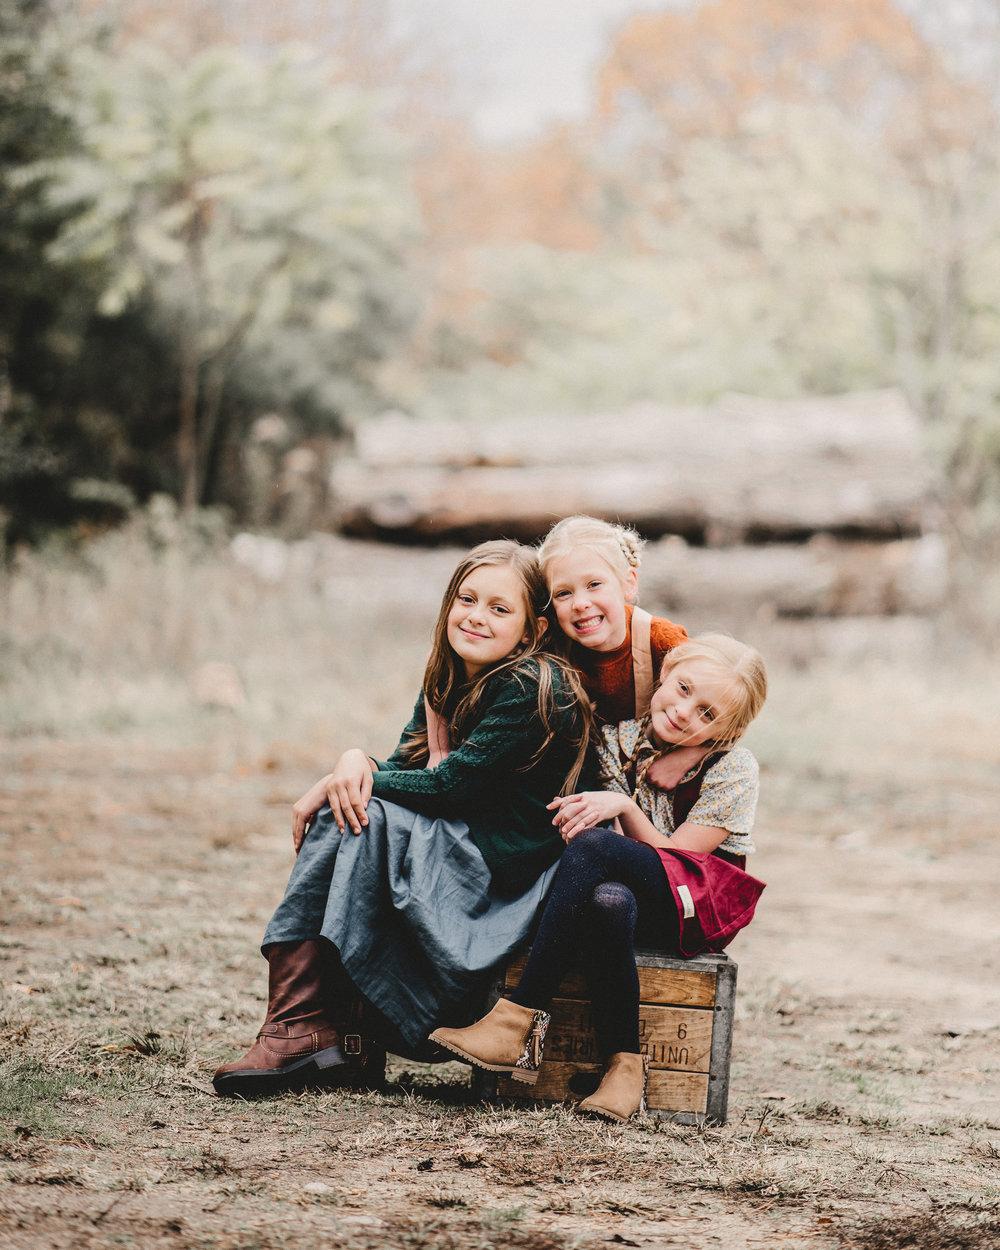 Lemmon Family - Fall 2017-20171027-16-20-53.JPG